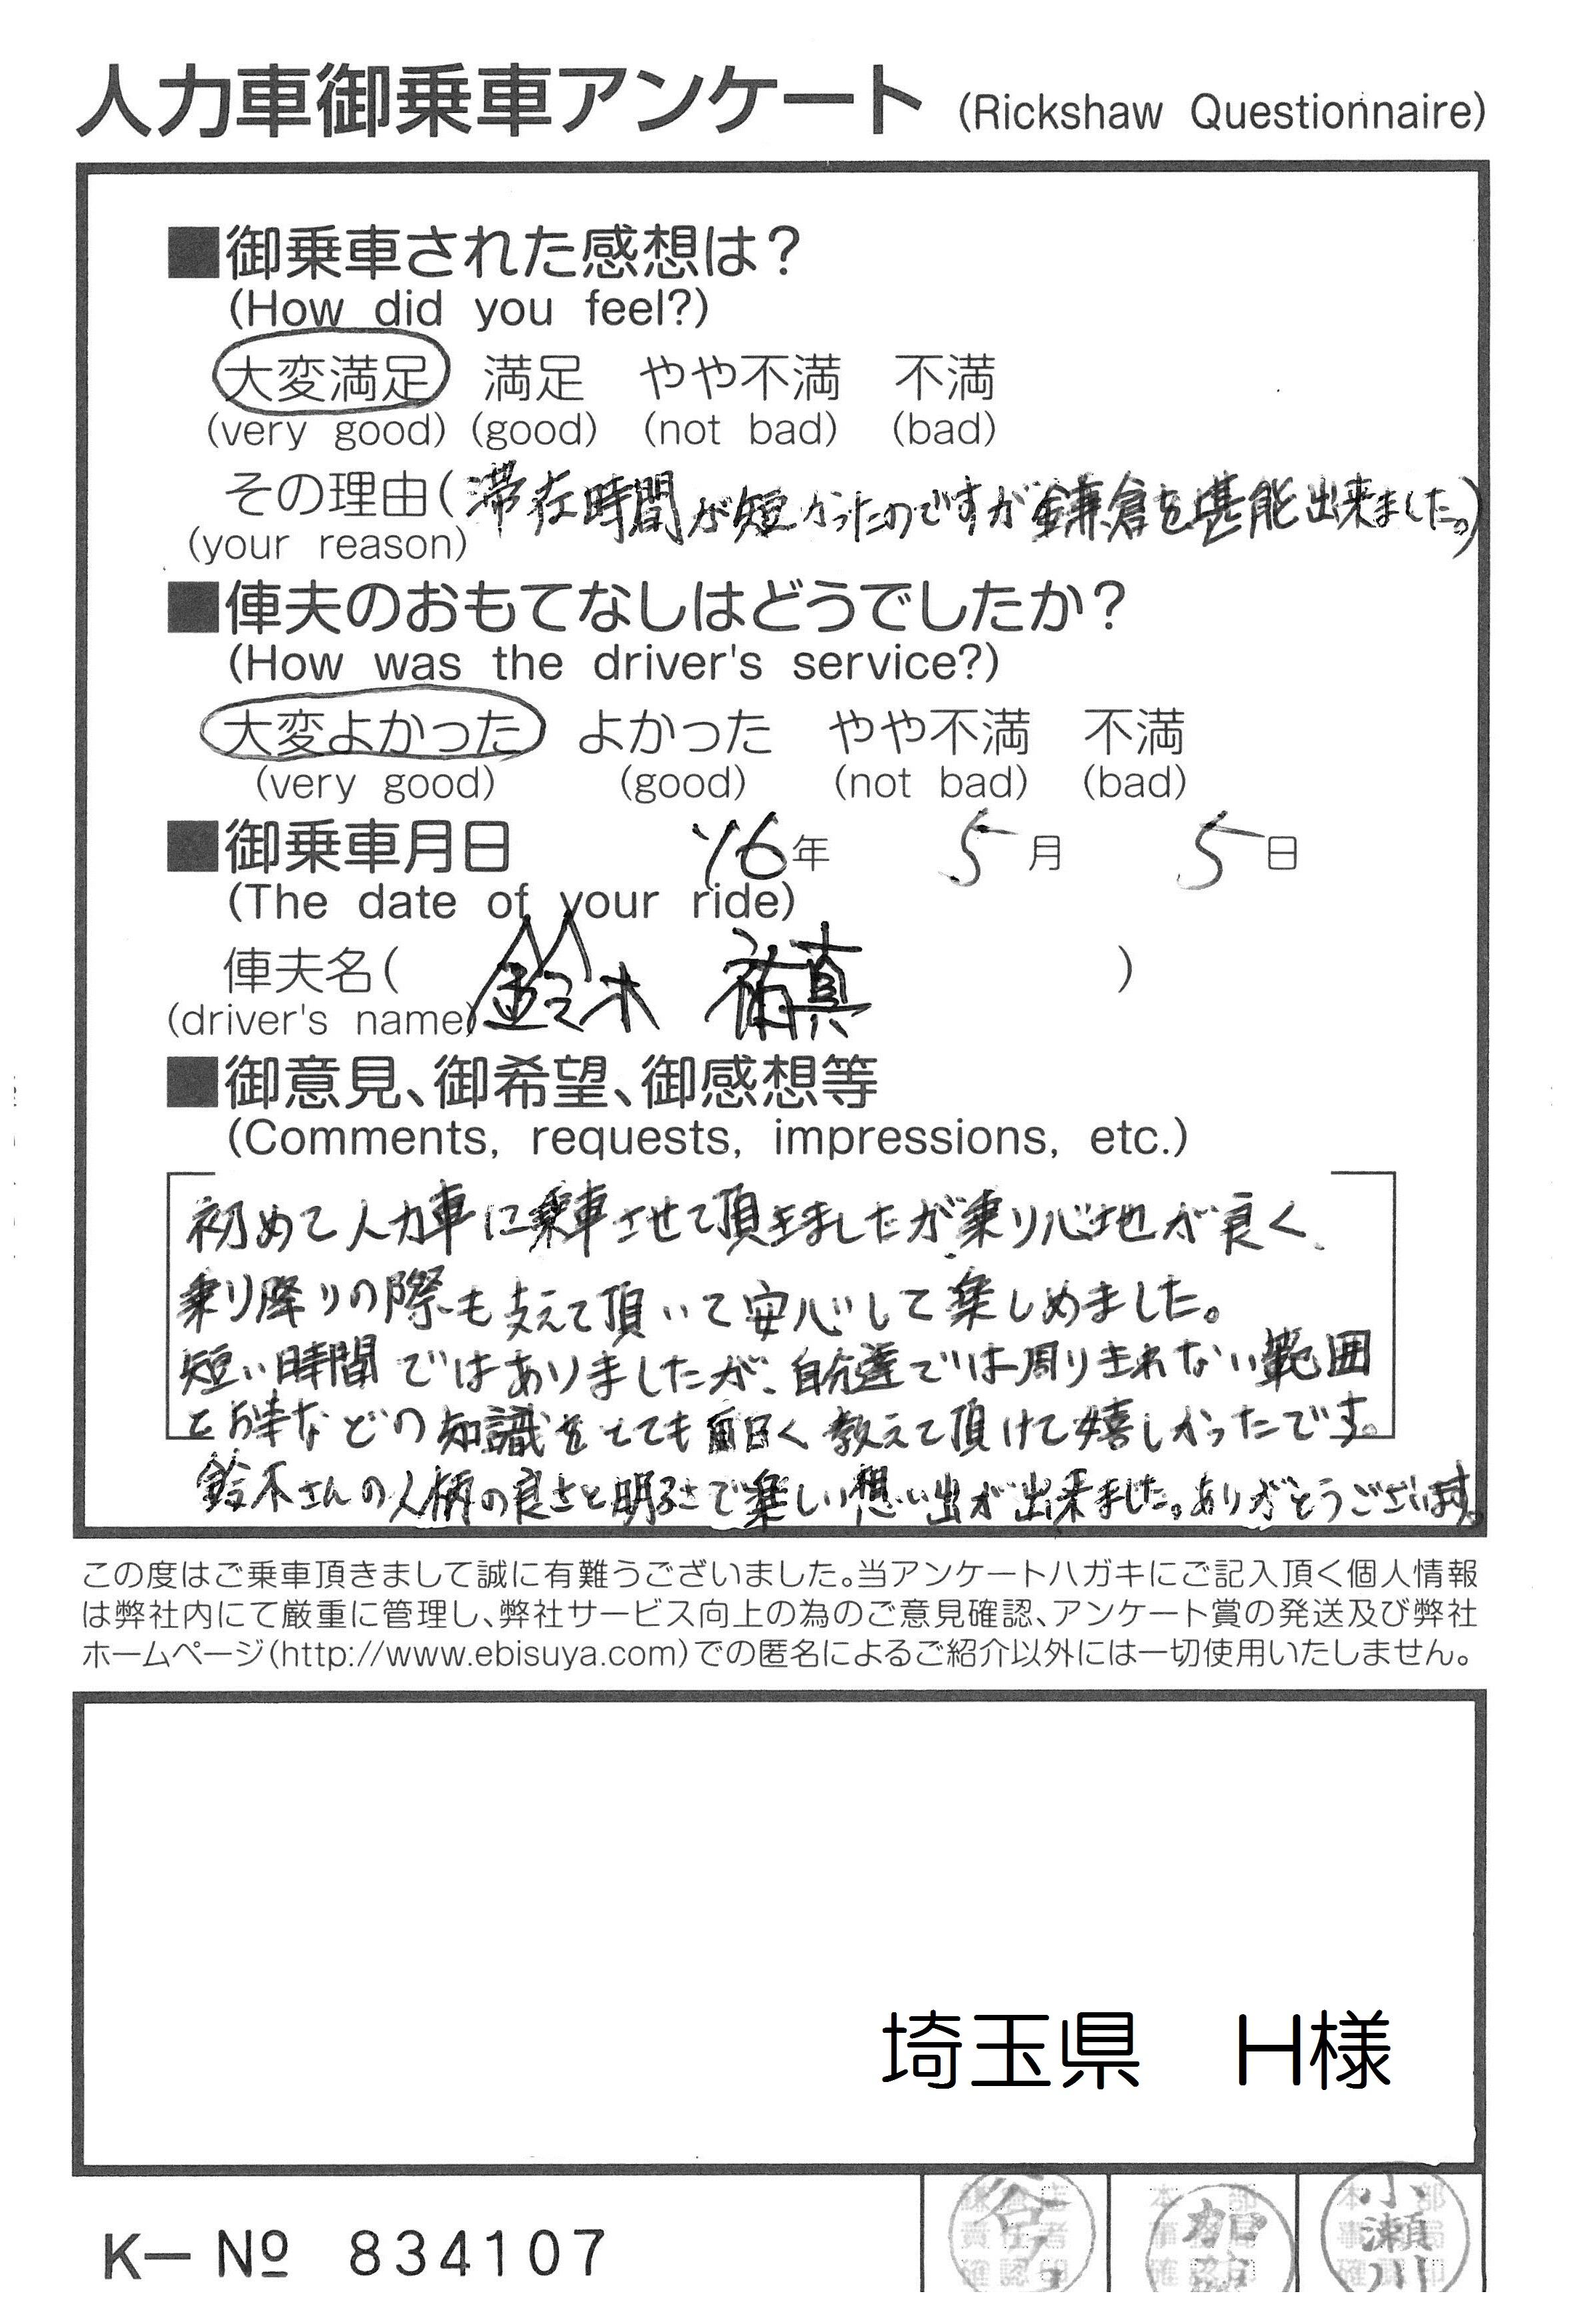 埼玉県 H様